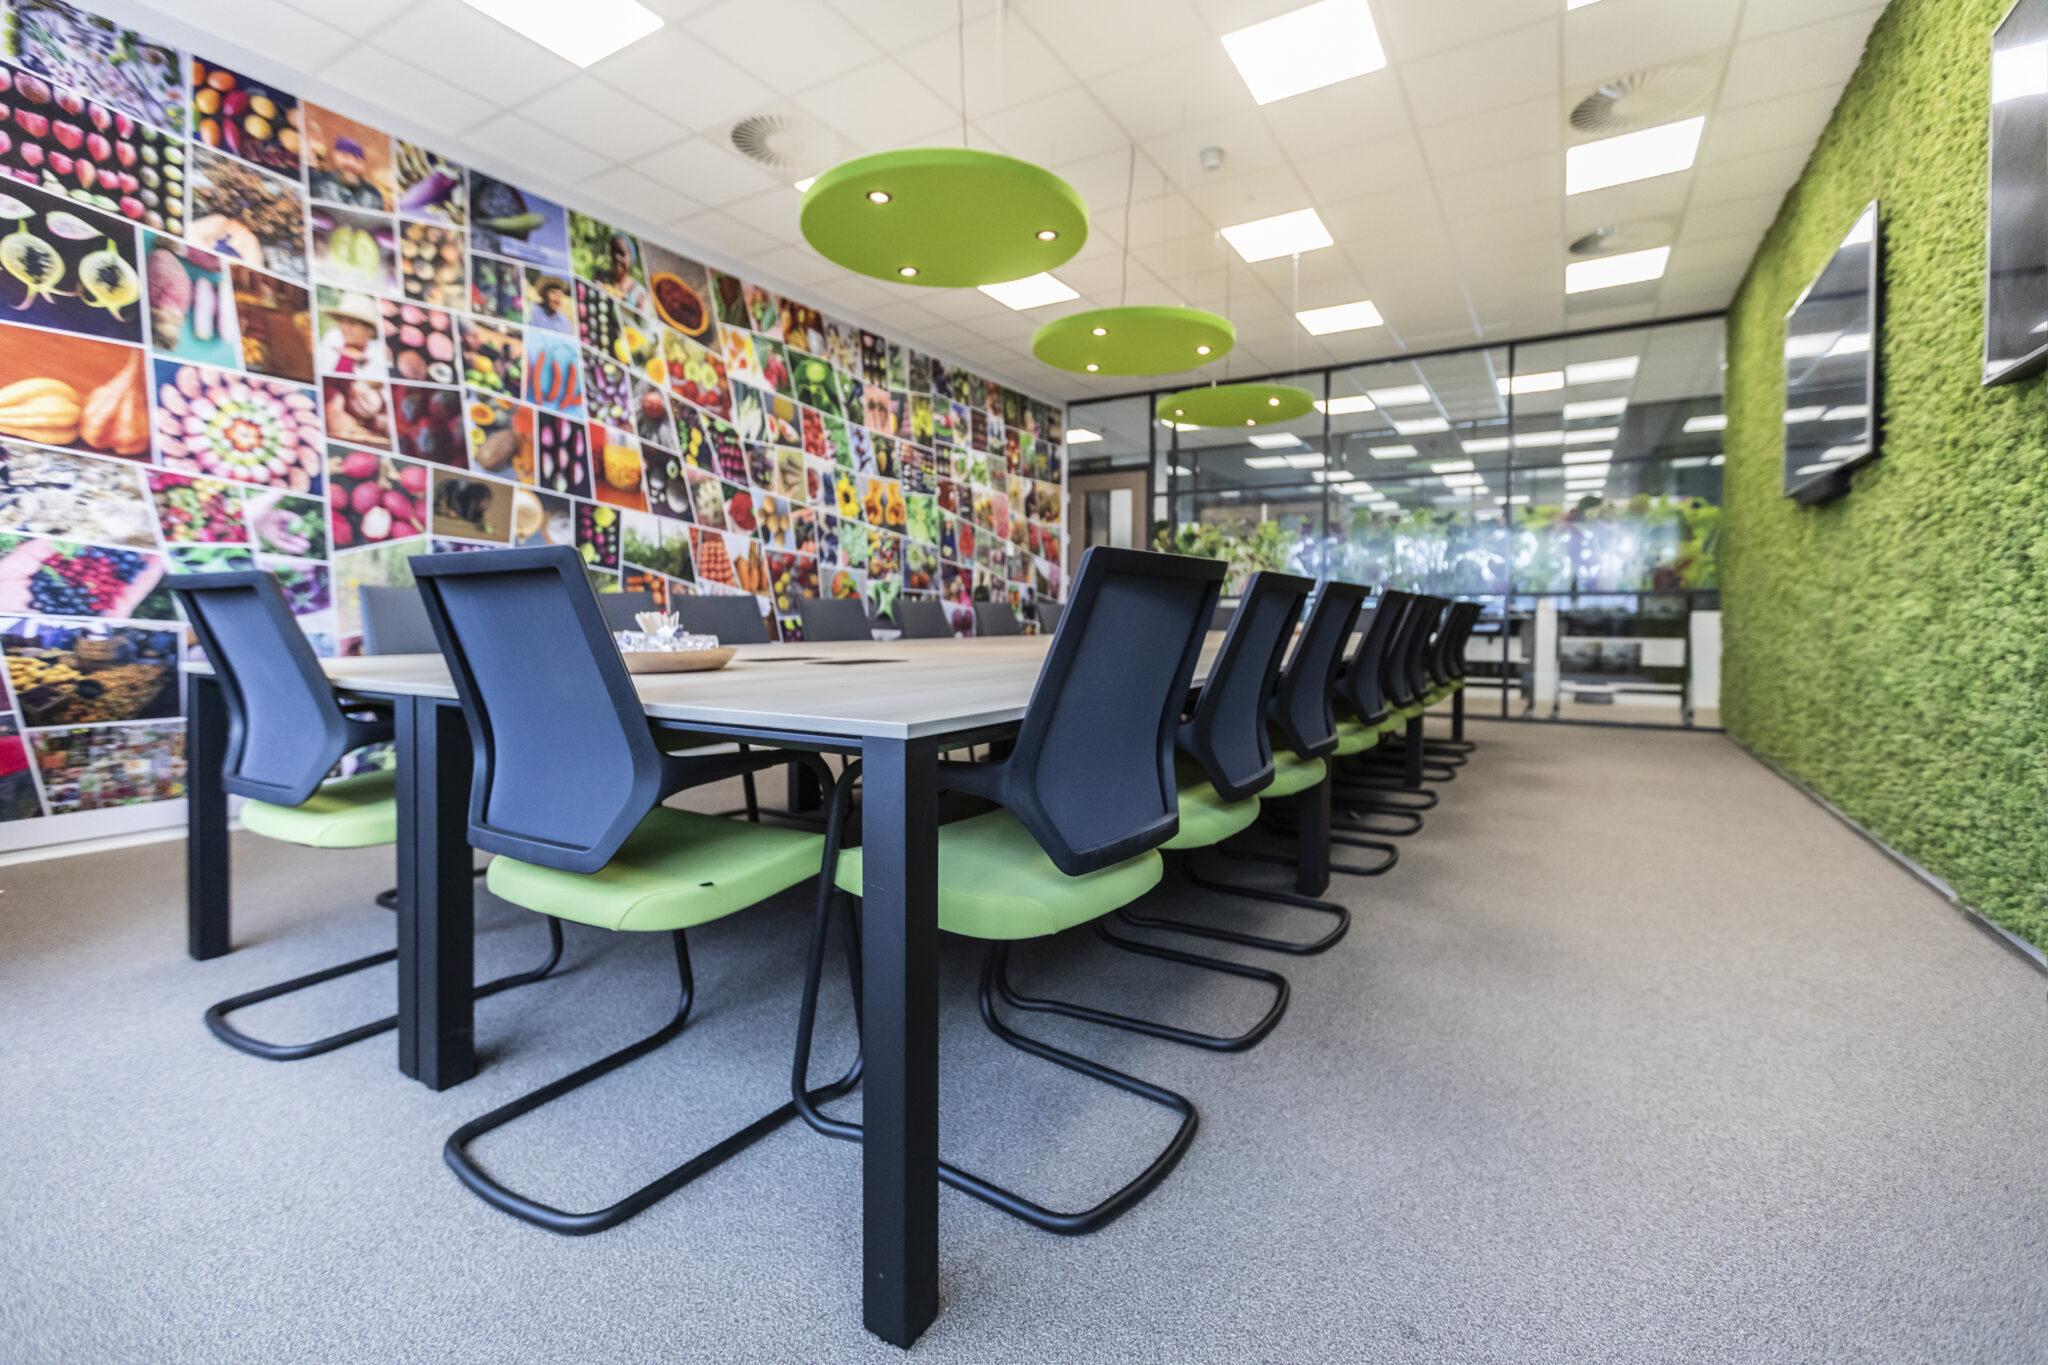 Office Image Kantoormeubelen.Kantoormeubelen Voor Uw Inrichting Bij Heering Office Den Haag